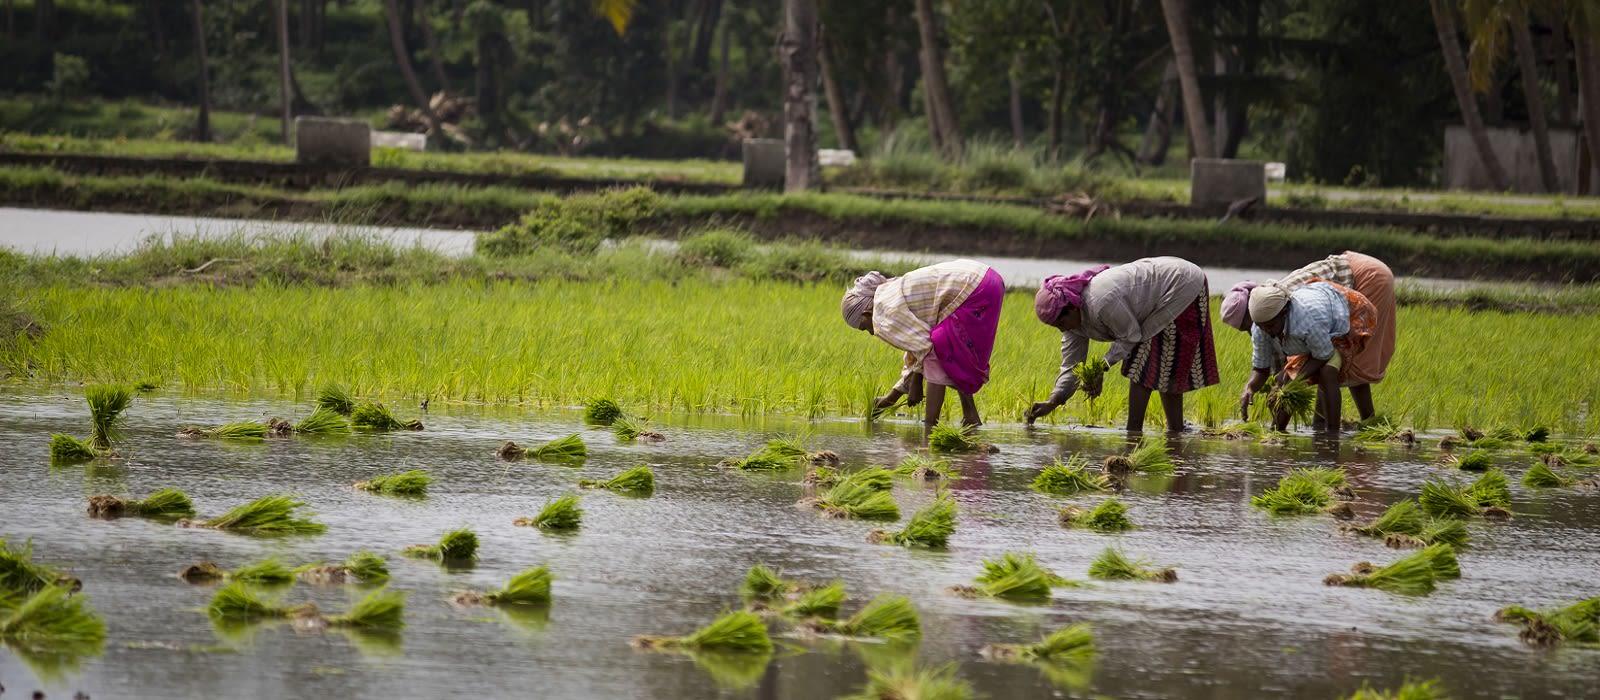 Klassische Reise nach Kerala: Backwaters und wilde Natur Urlaub 2